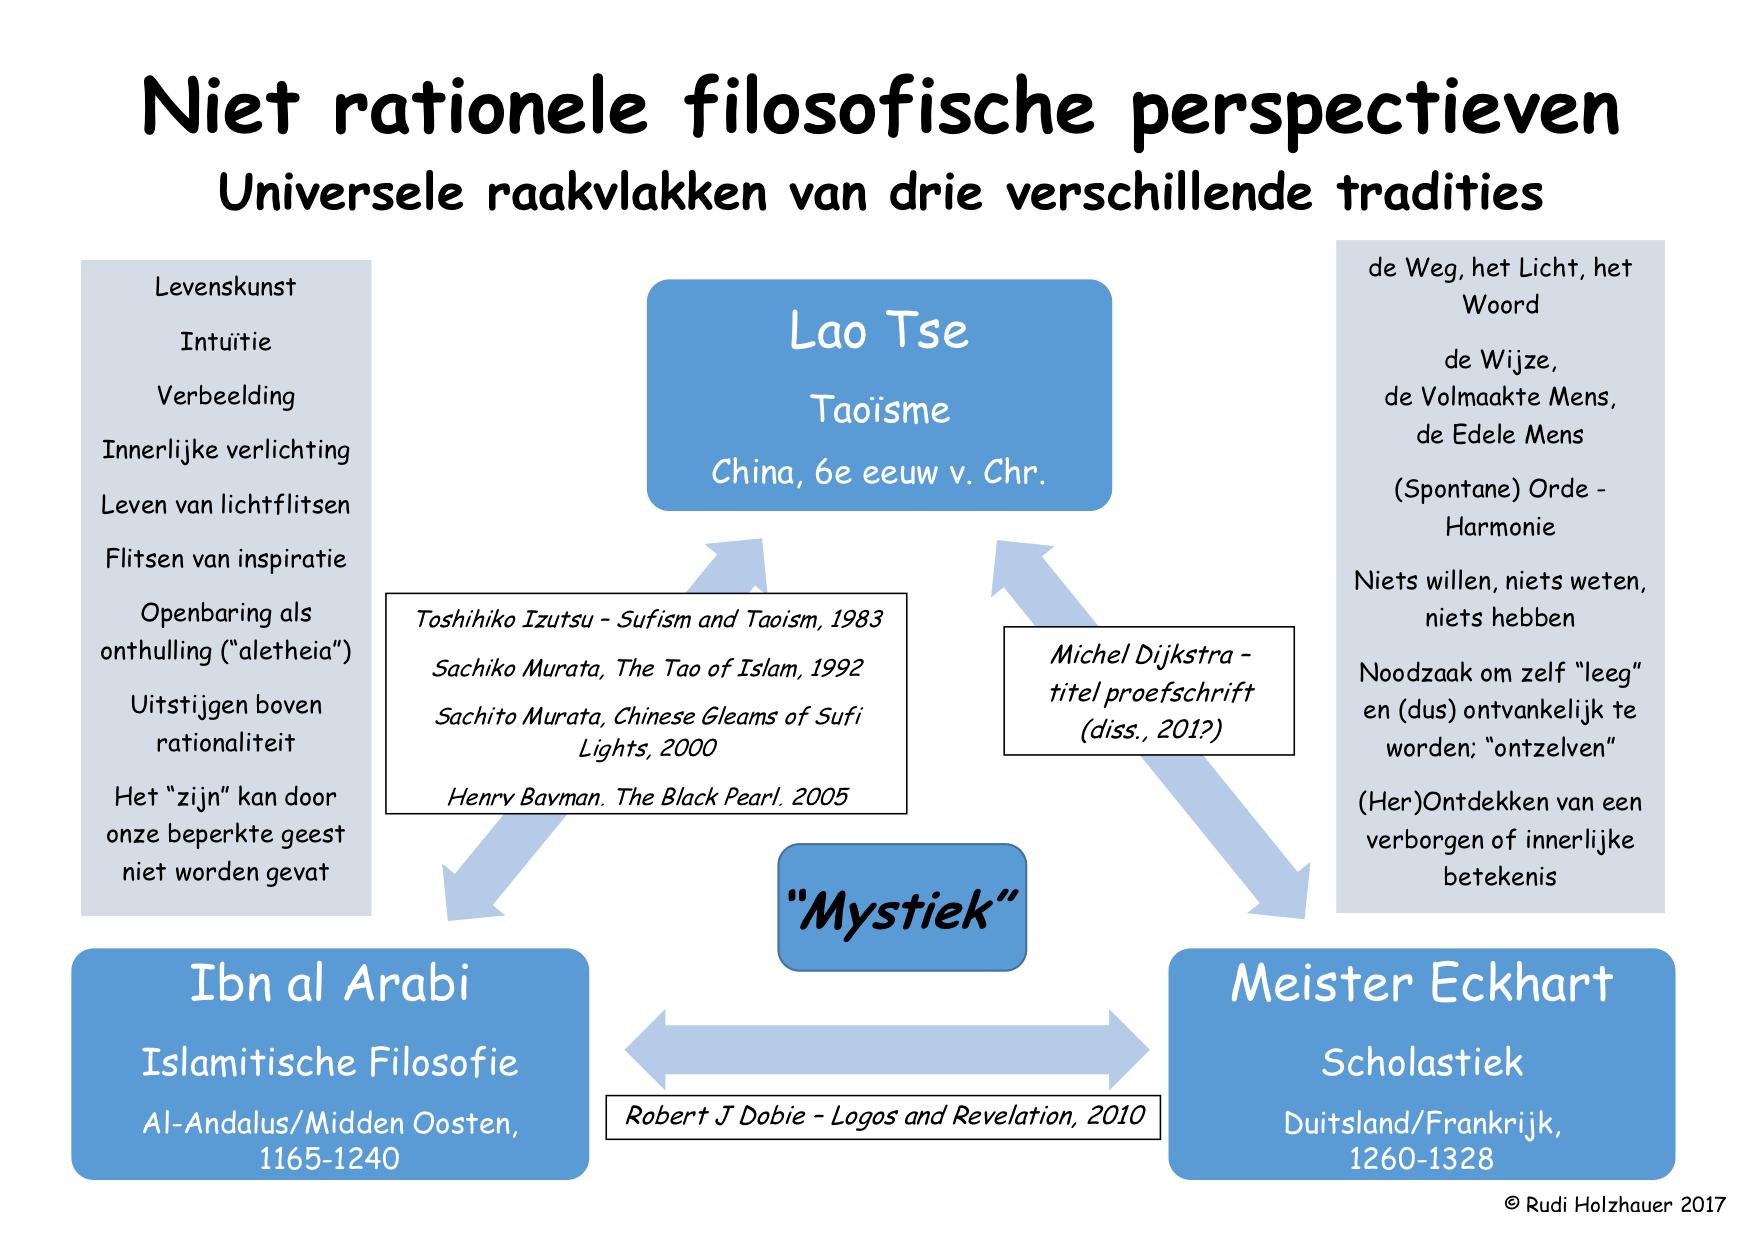 Niet-rationele filosofische perspectieven